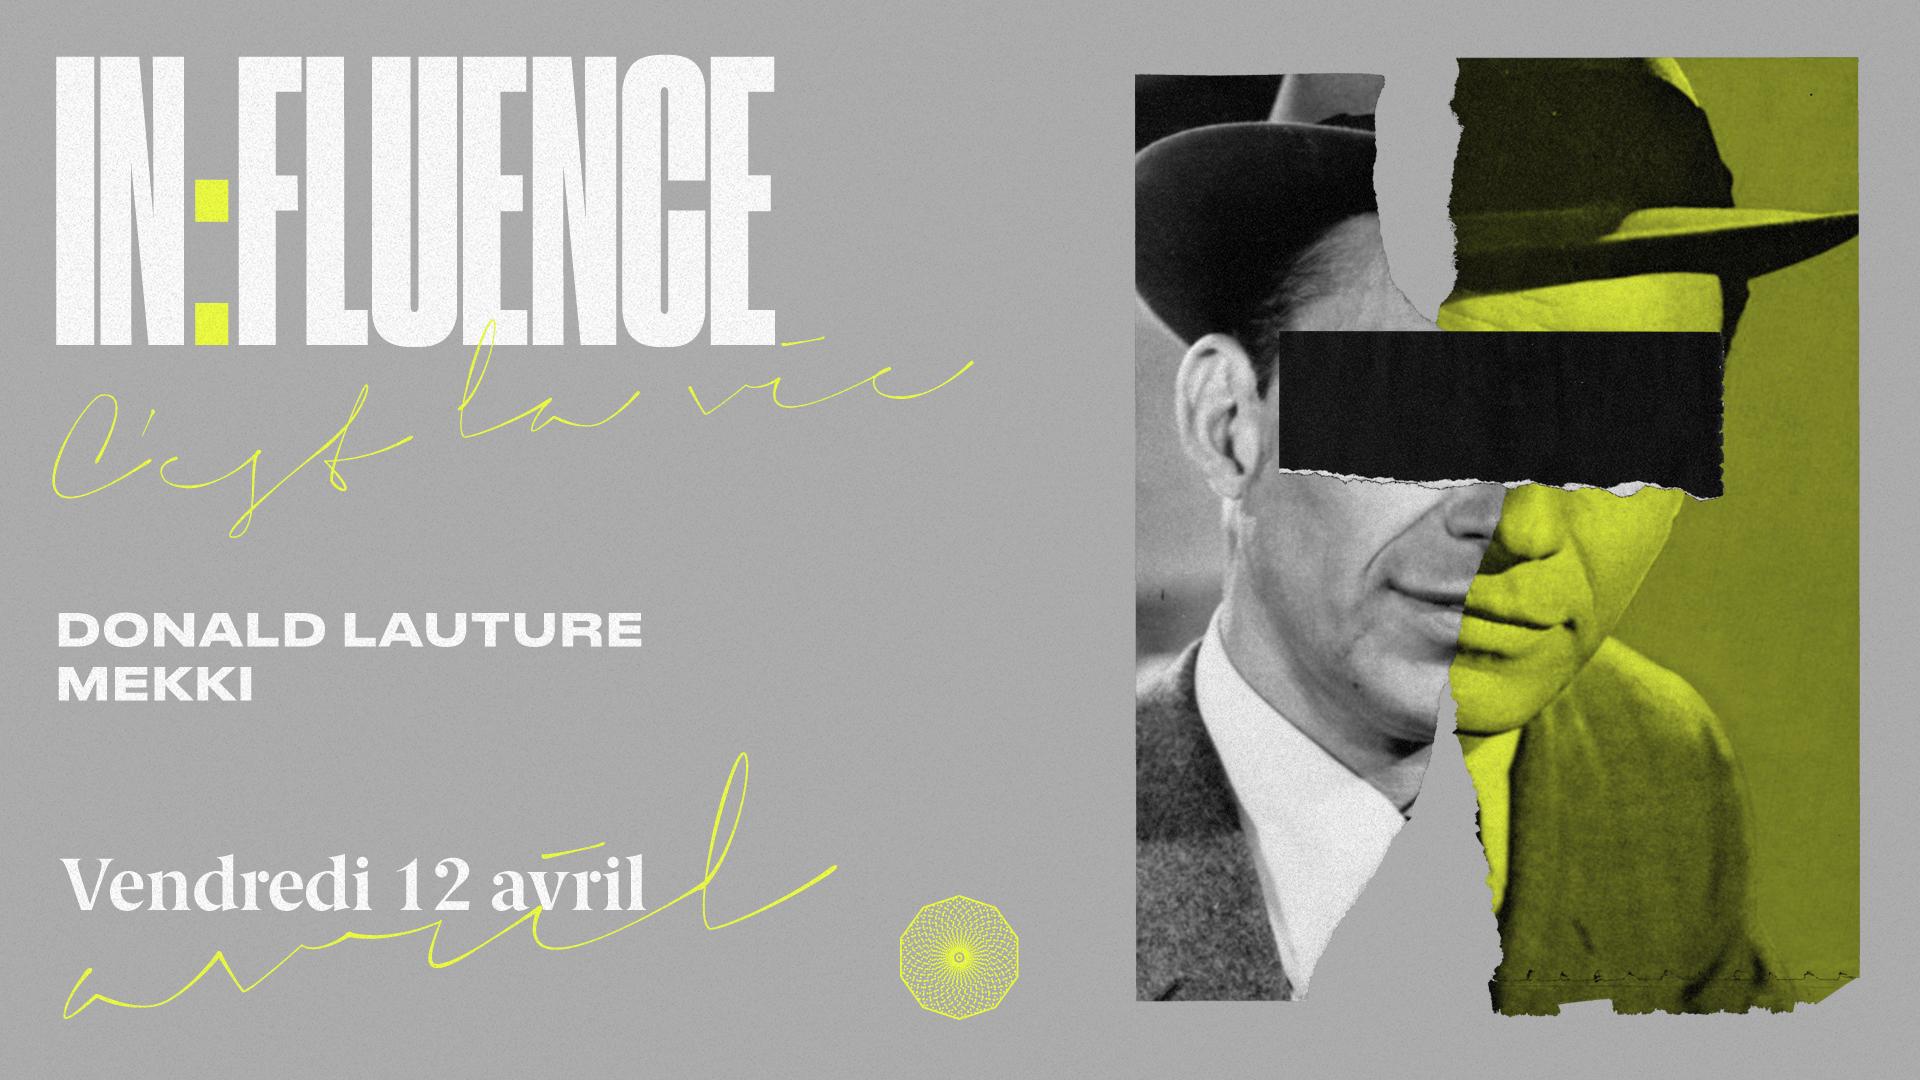 INFLUENCE_12 AVRIL_COVER.jpg